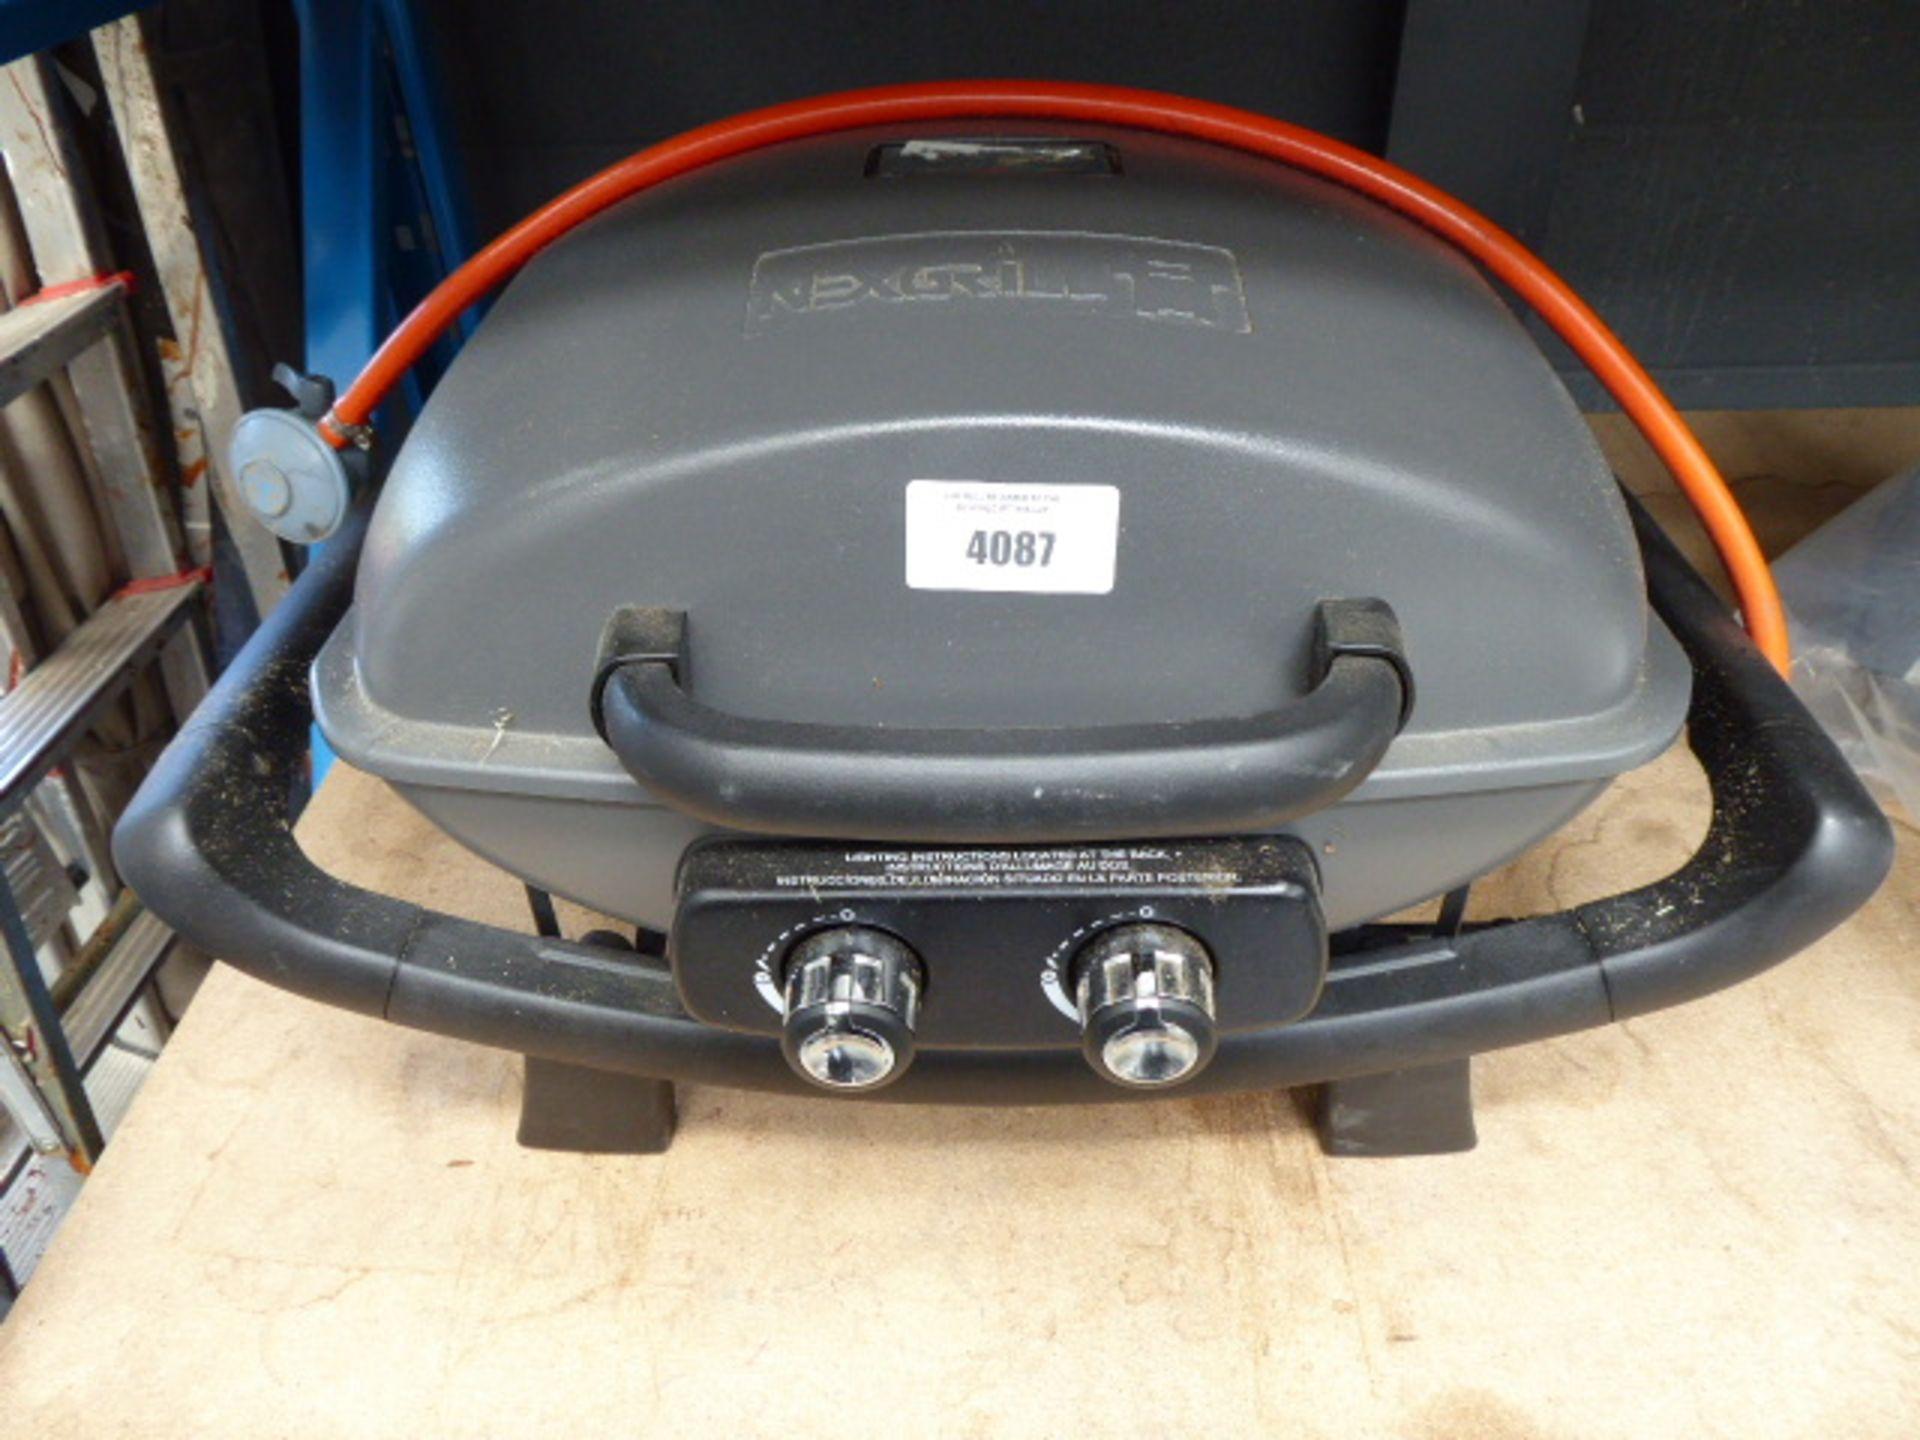 Lot 4087 - Nex Grill tabletop BBQ